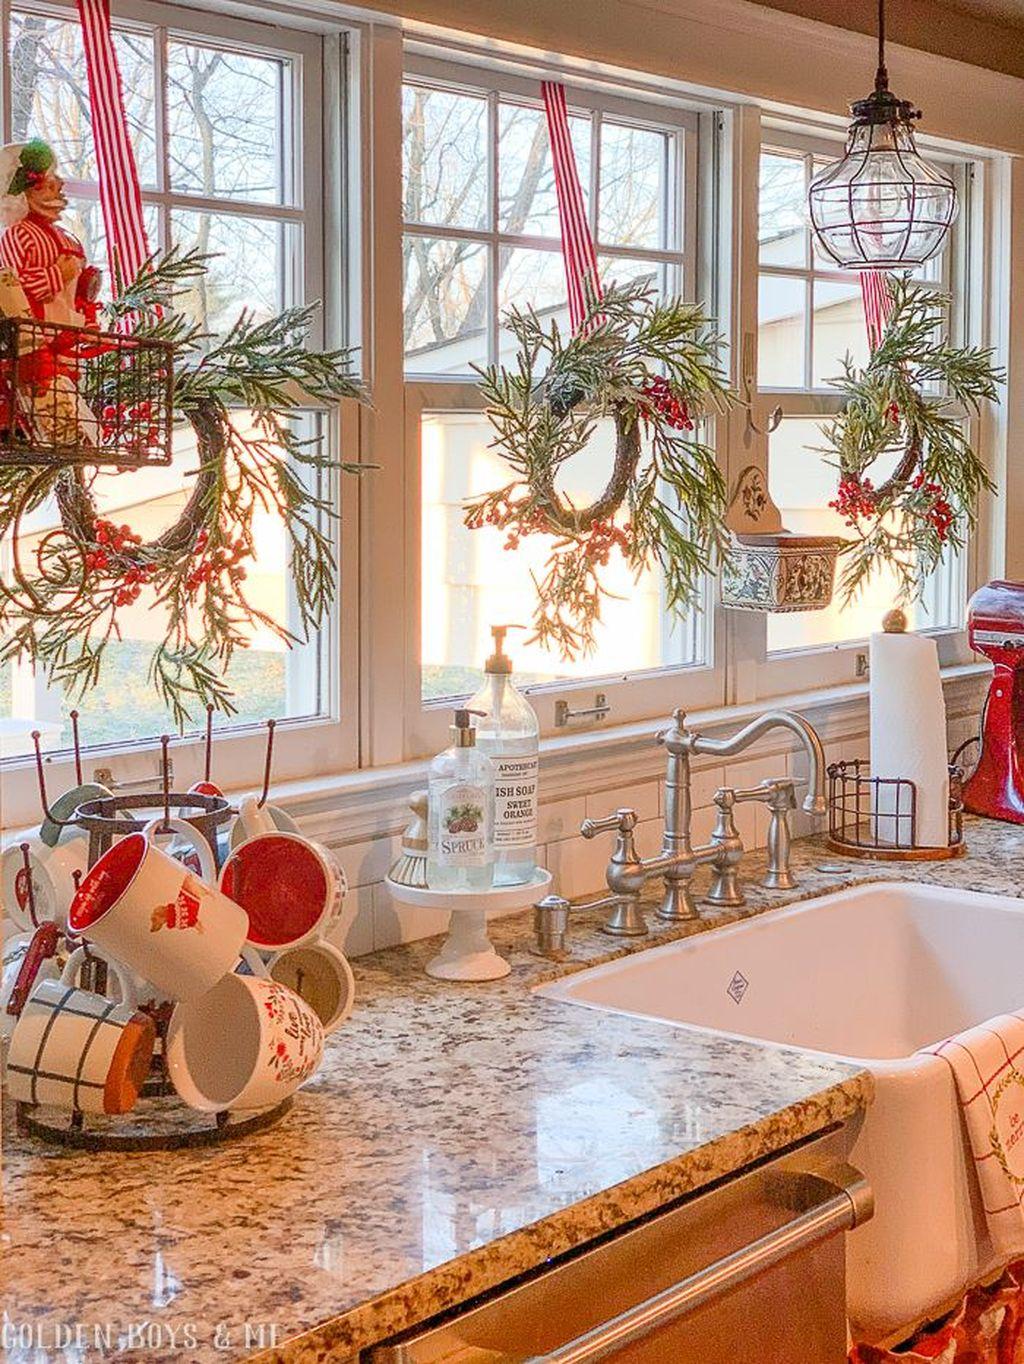 Awesome Christmas Theme Kitchen Decor Ideas 06